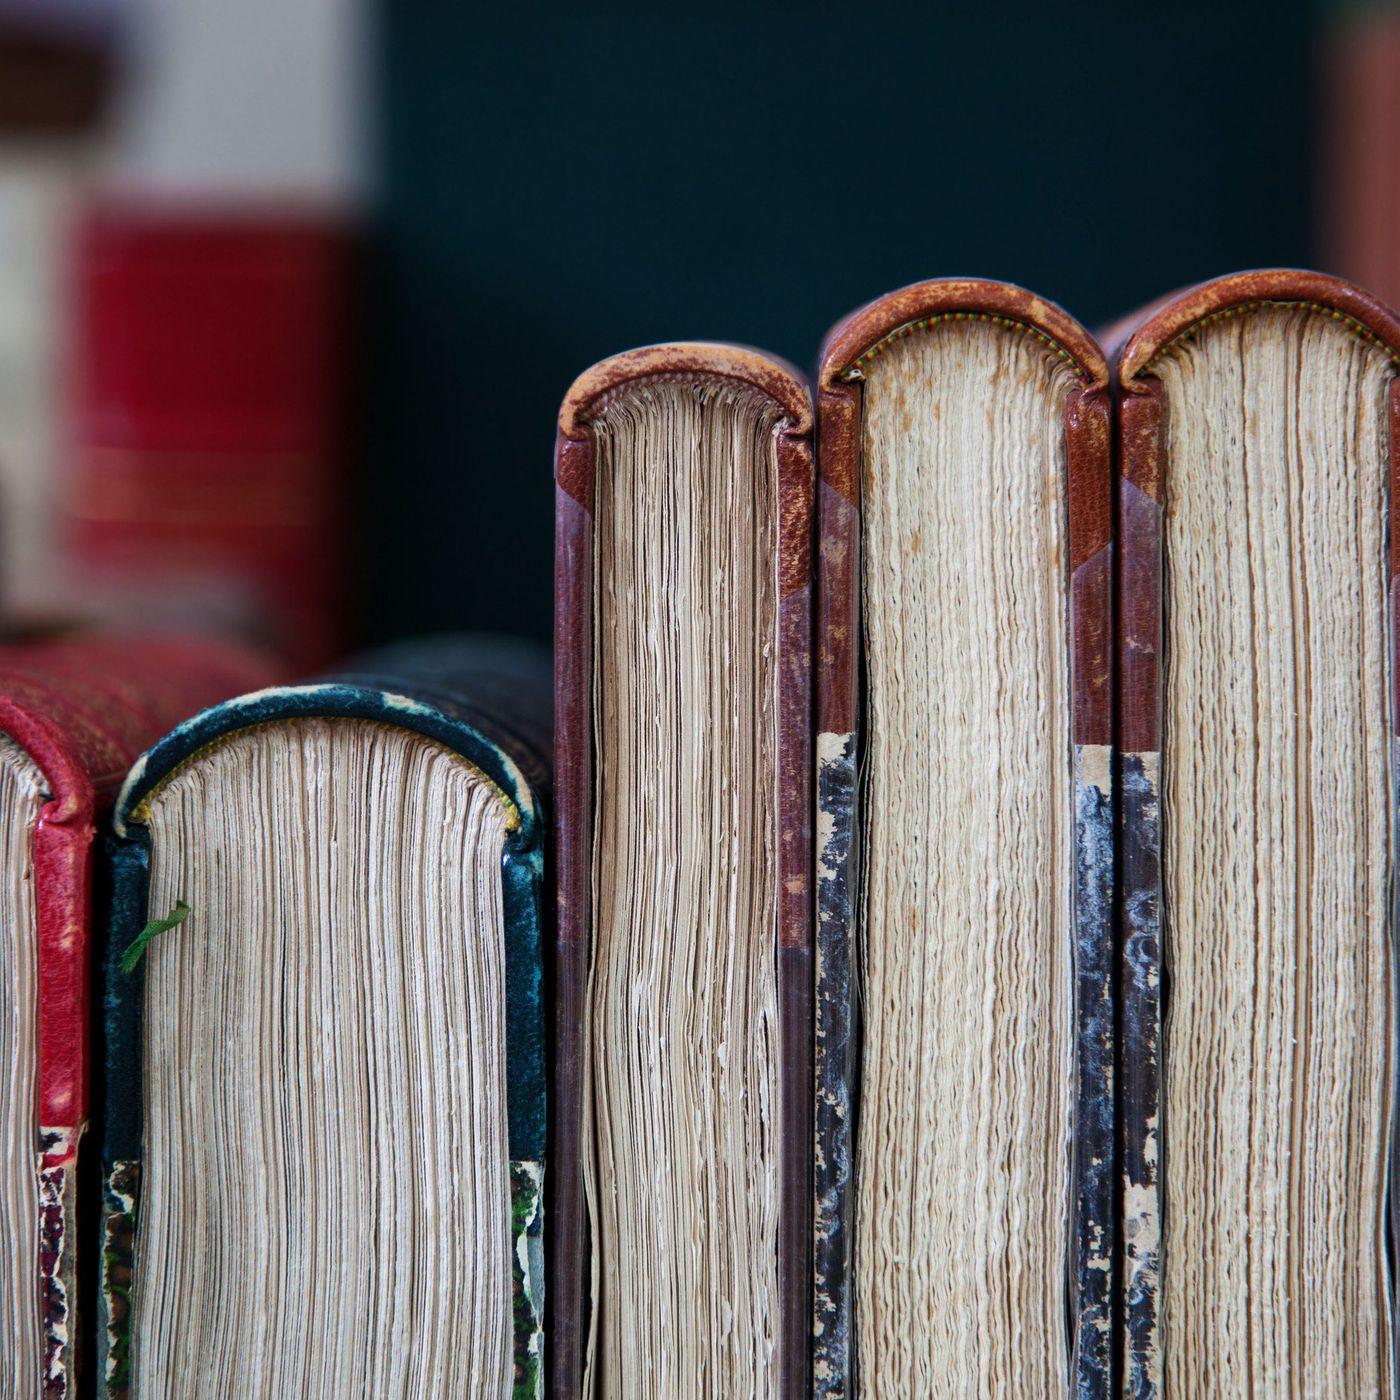 Kronika Slavonic se píše už od roku 1990, zápisy z válečných let ale autor v obavě vytrhal a zničil